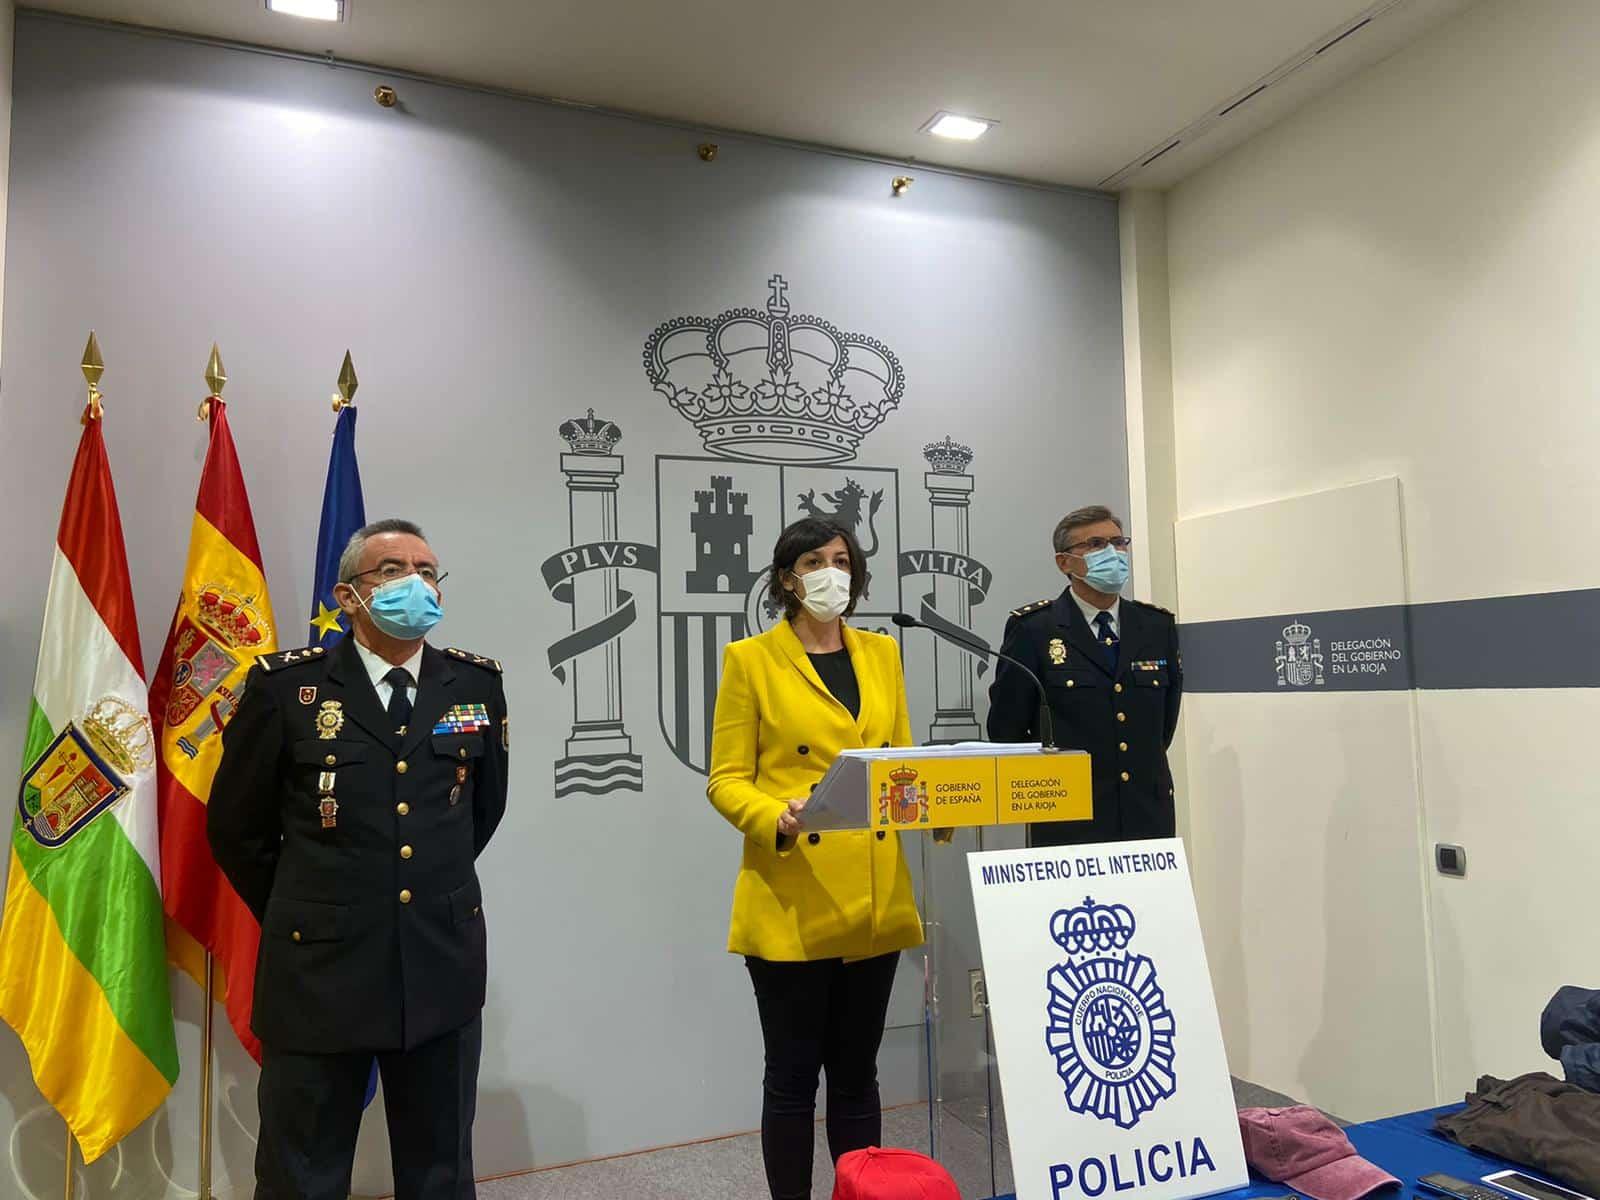 Operación 'Laurel y Hardy': Detenidos los atracadores de cuatro asaltos a supermercados en La Rioja 2